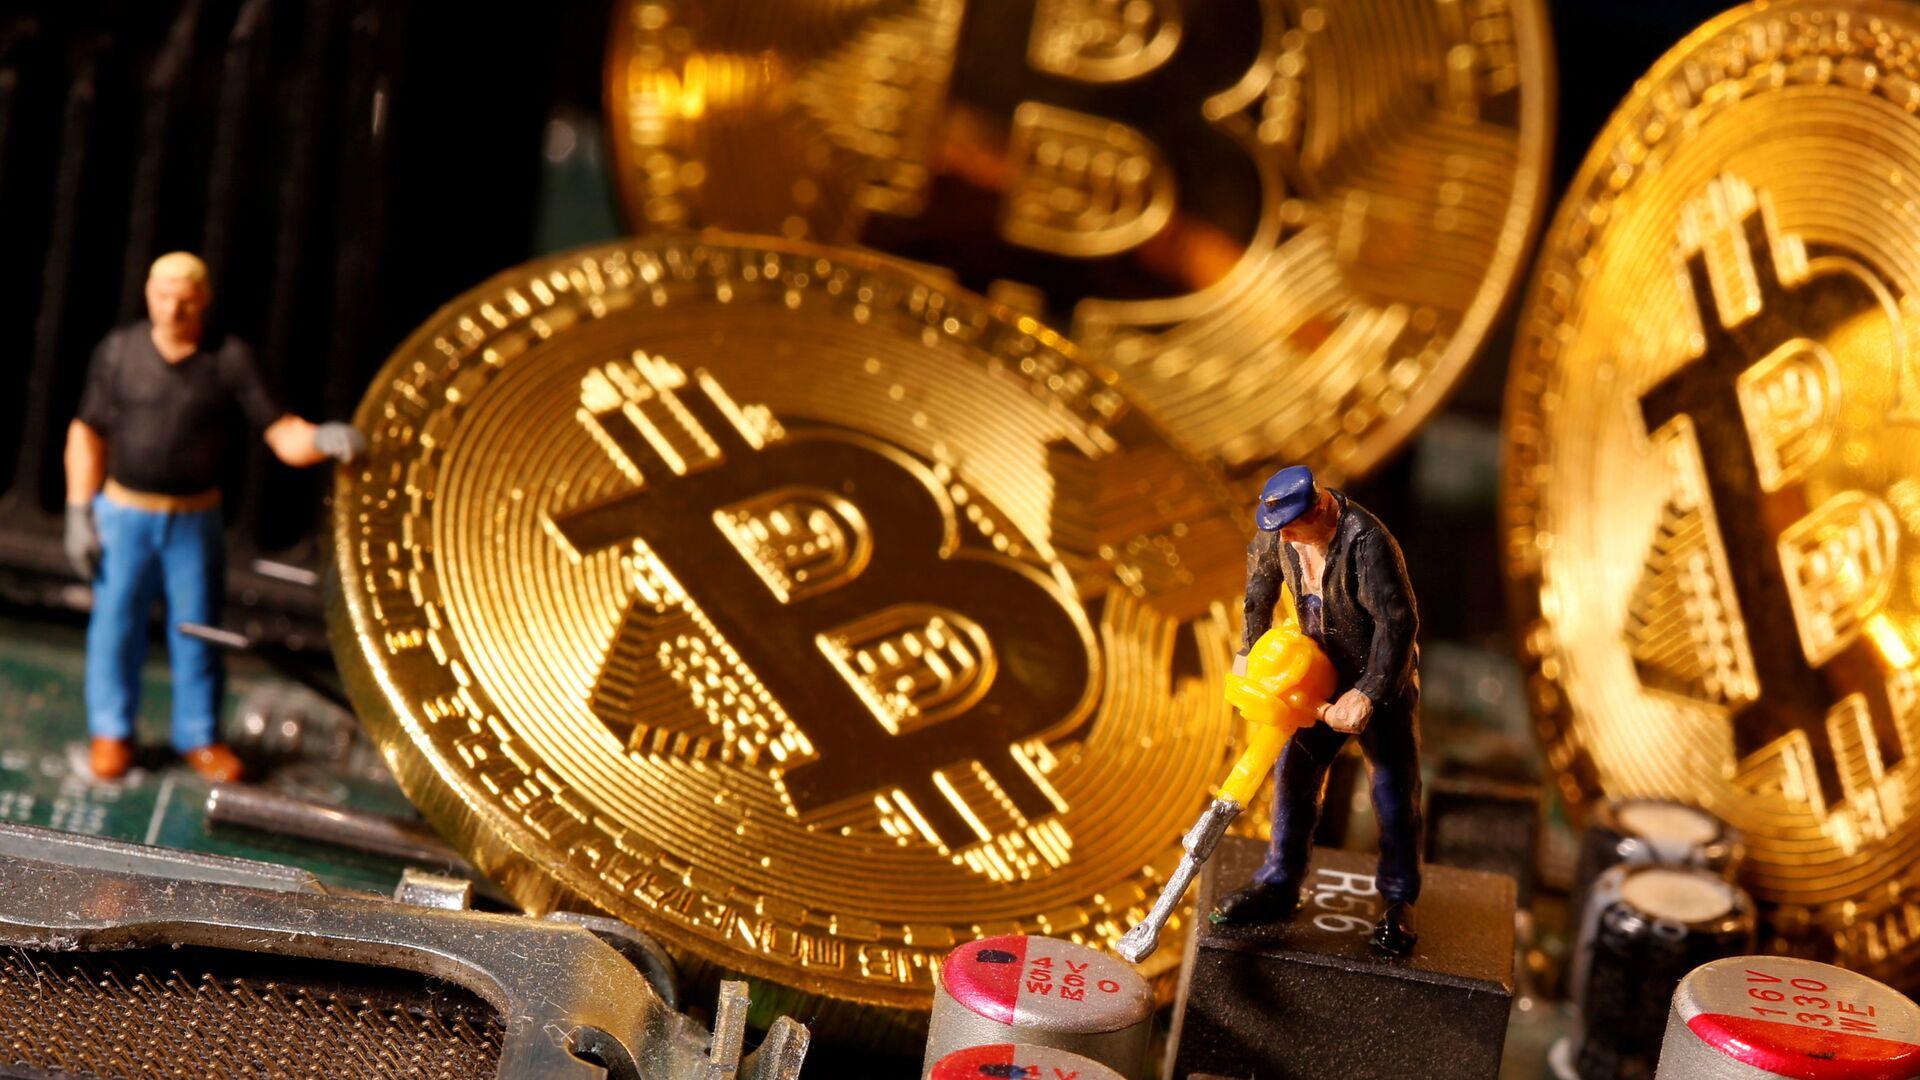 Una representación de bitcoines - Sputnik Mundo, 1920, 01.02.2021